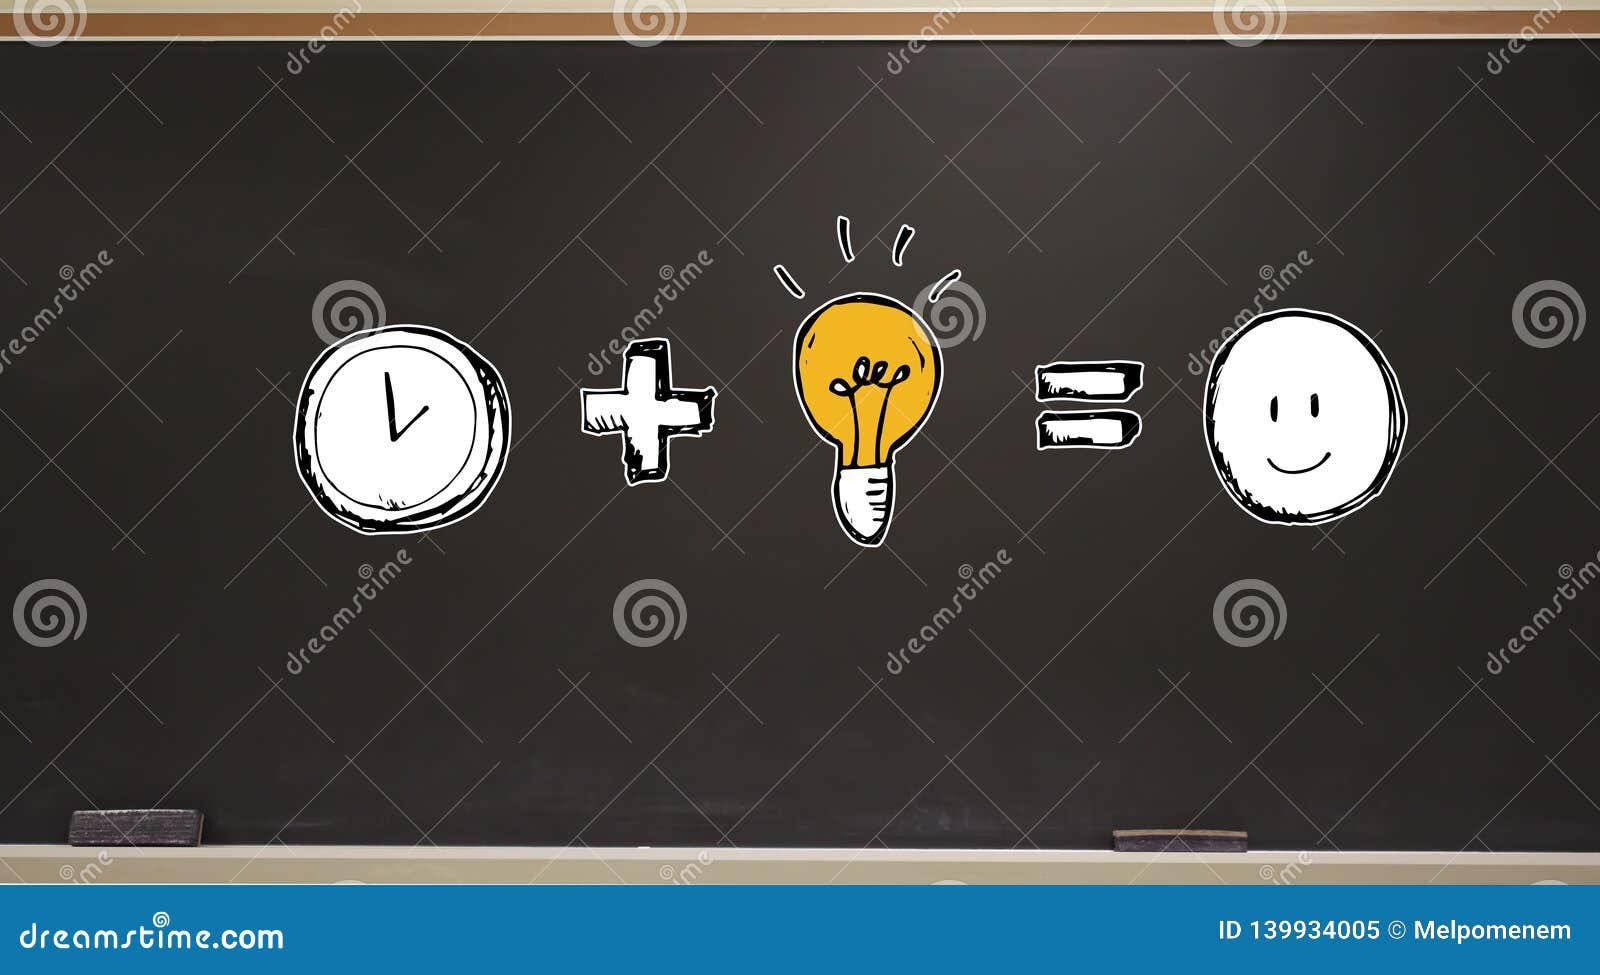 时间加上想法均等愉快在黑板